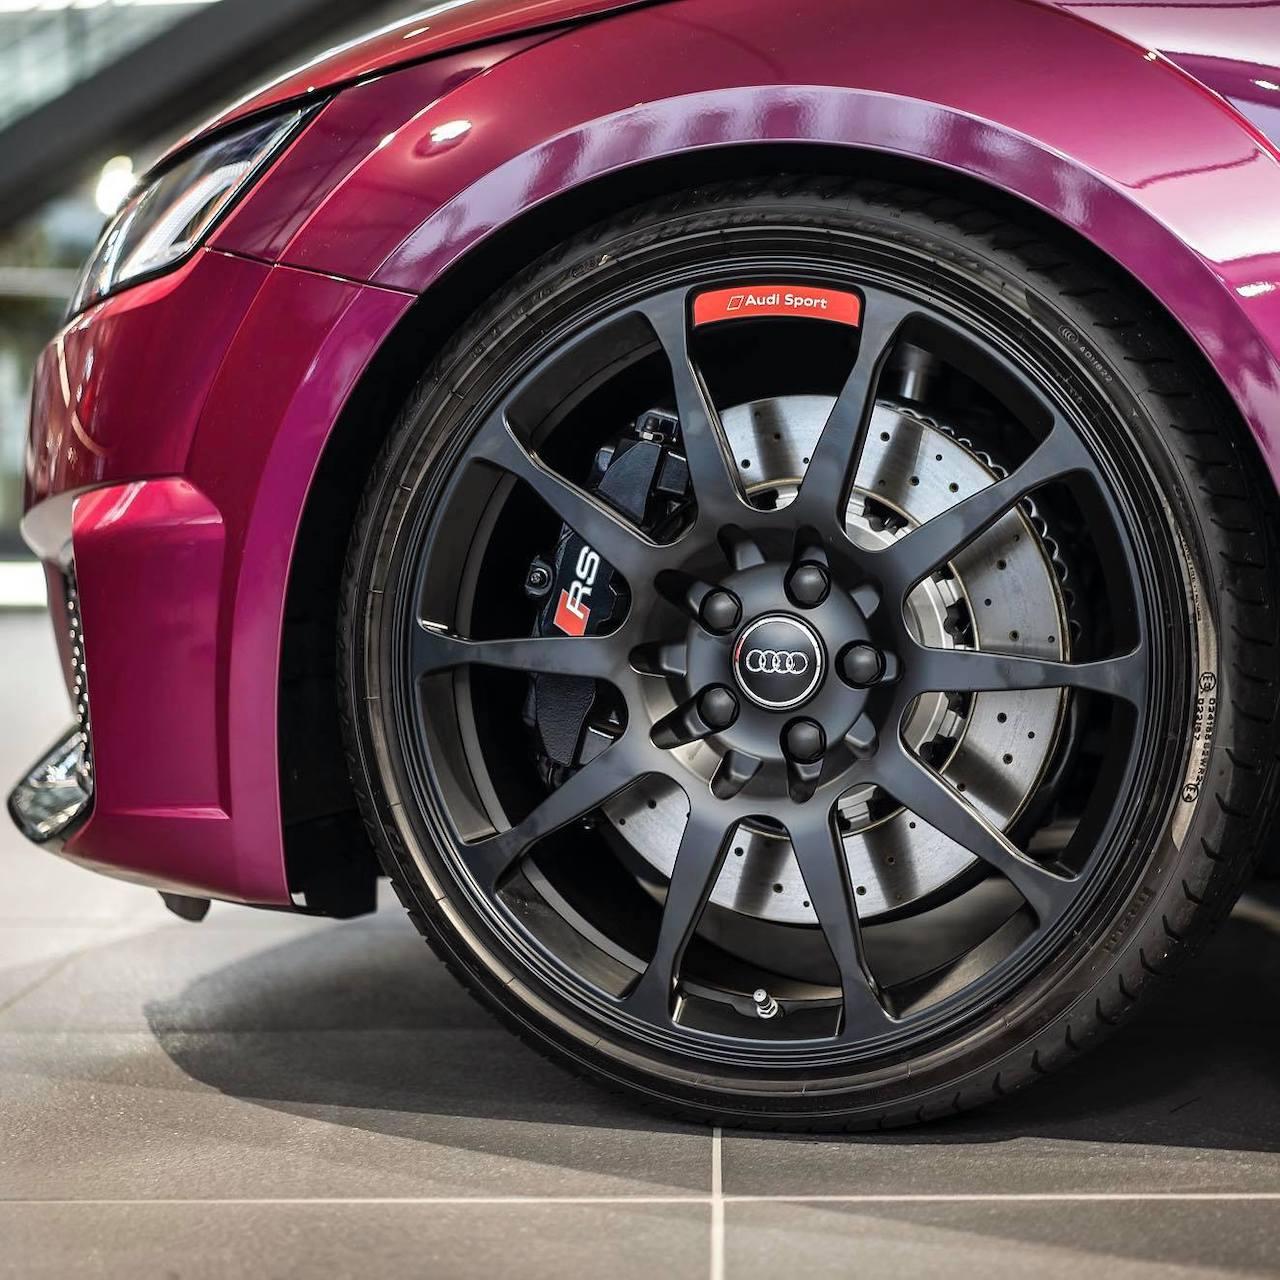 http://www.audittclub.it/wp/wp-content/uploads/2020/01/2020-Audi-TT-RS-3.jpg